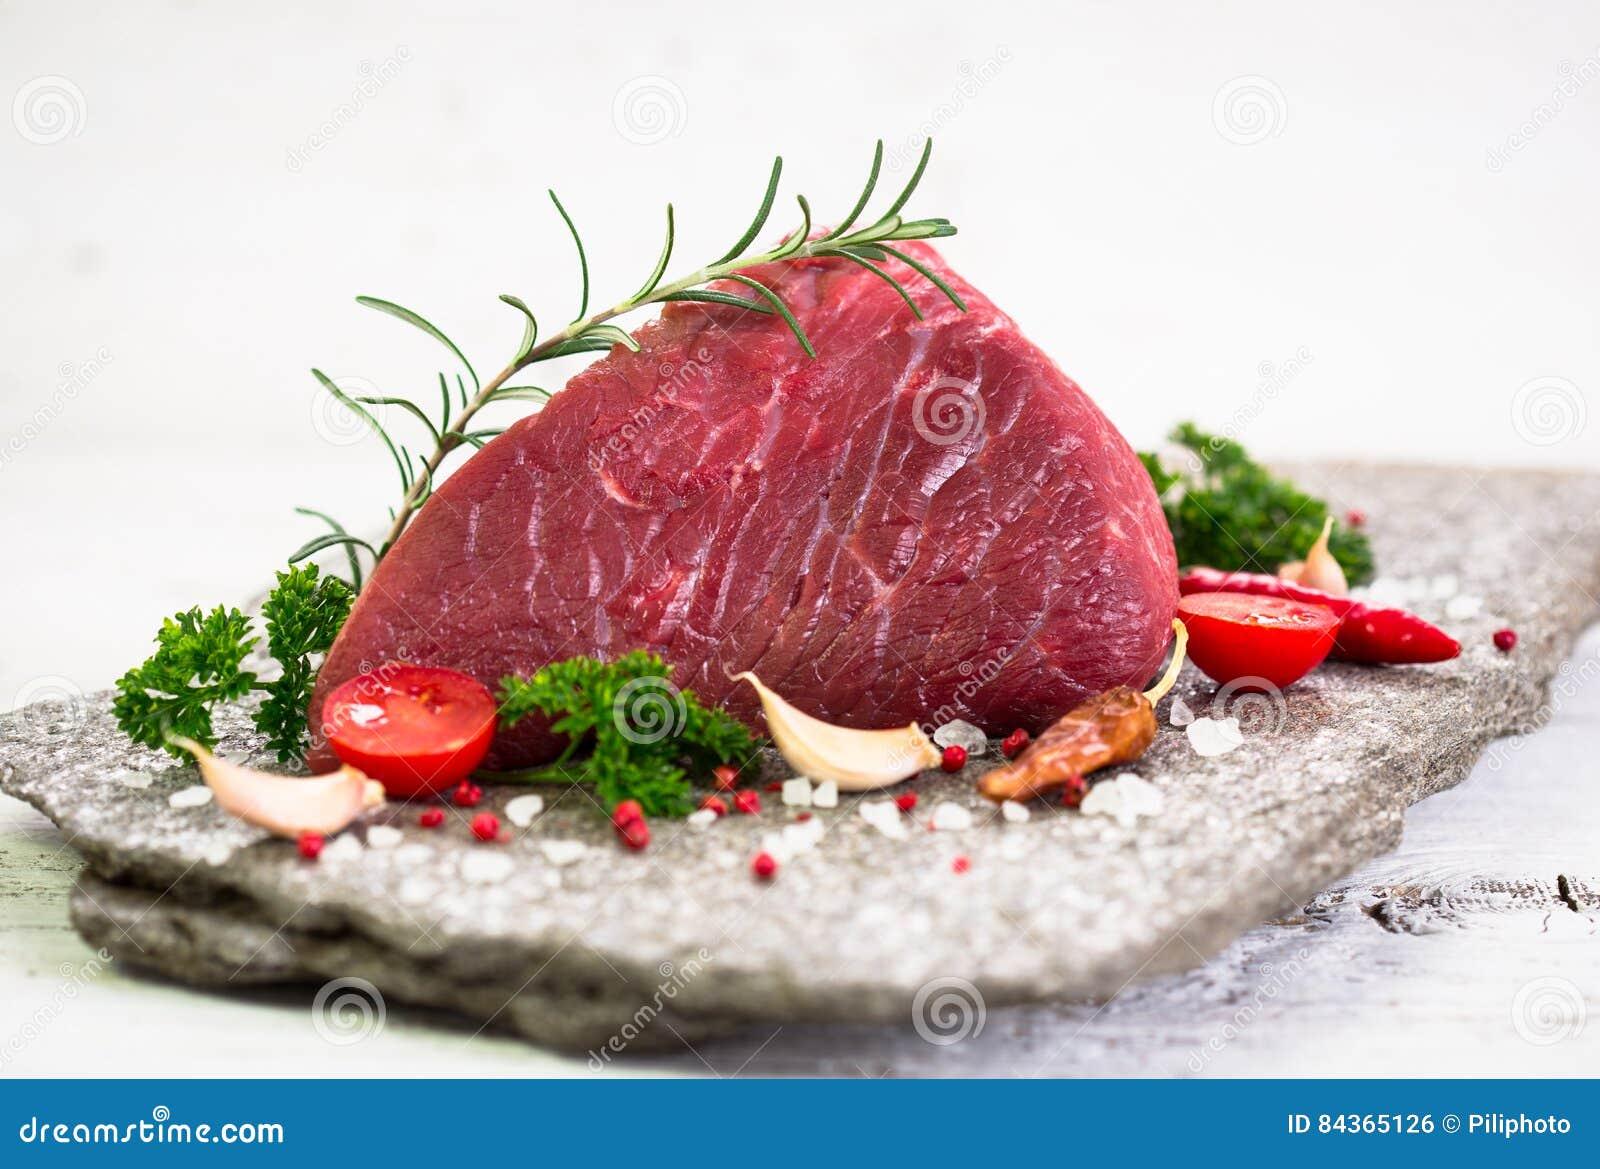 Viande crue de boeuf avec des épices